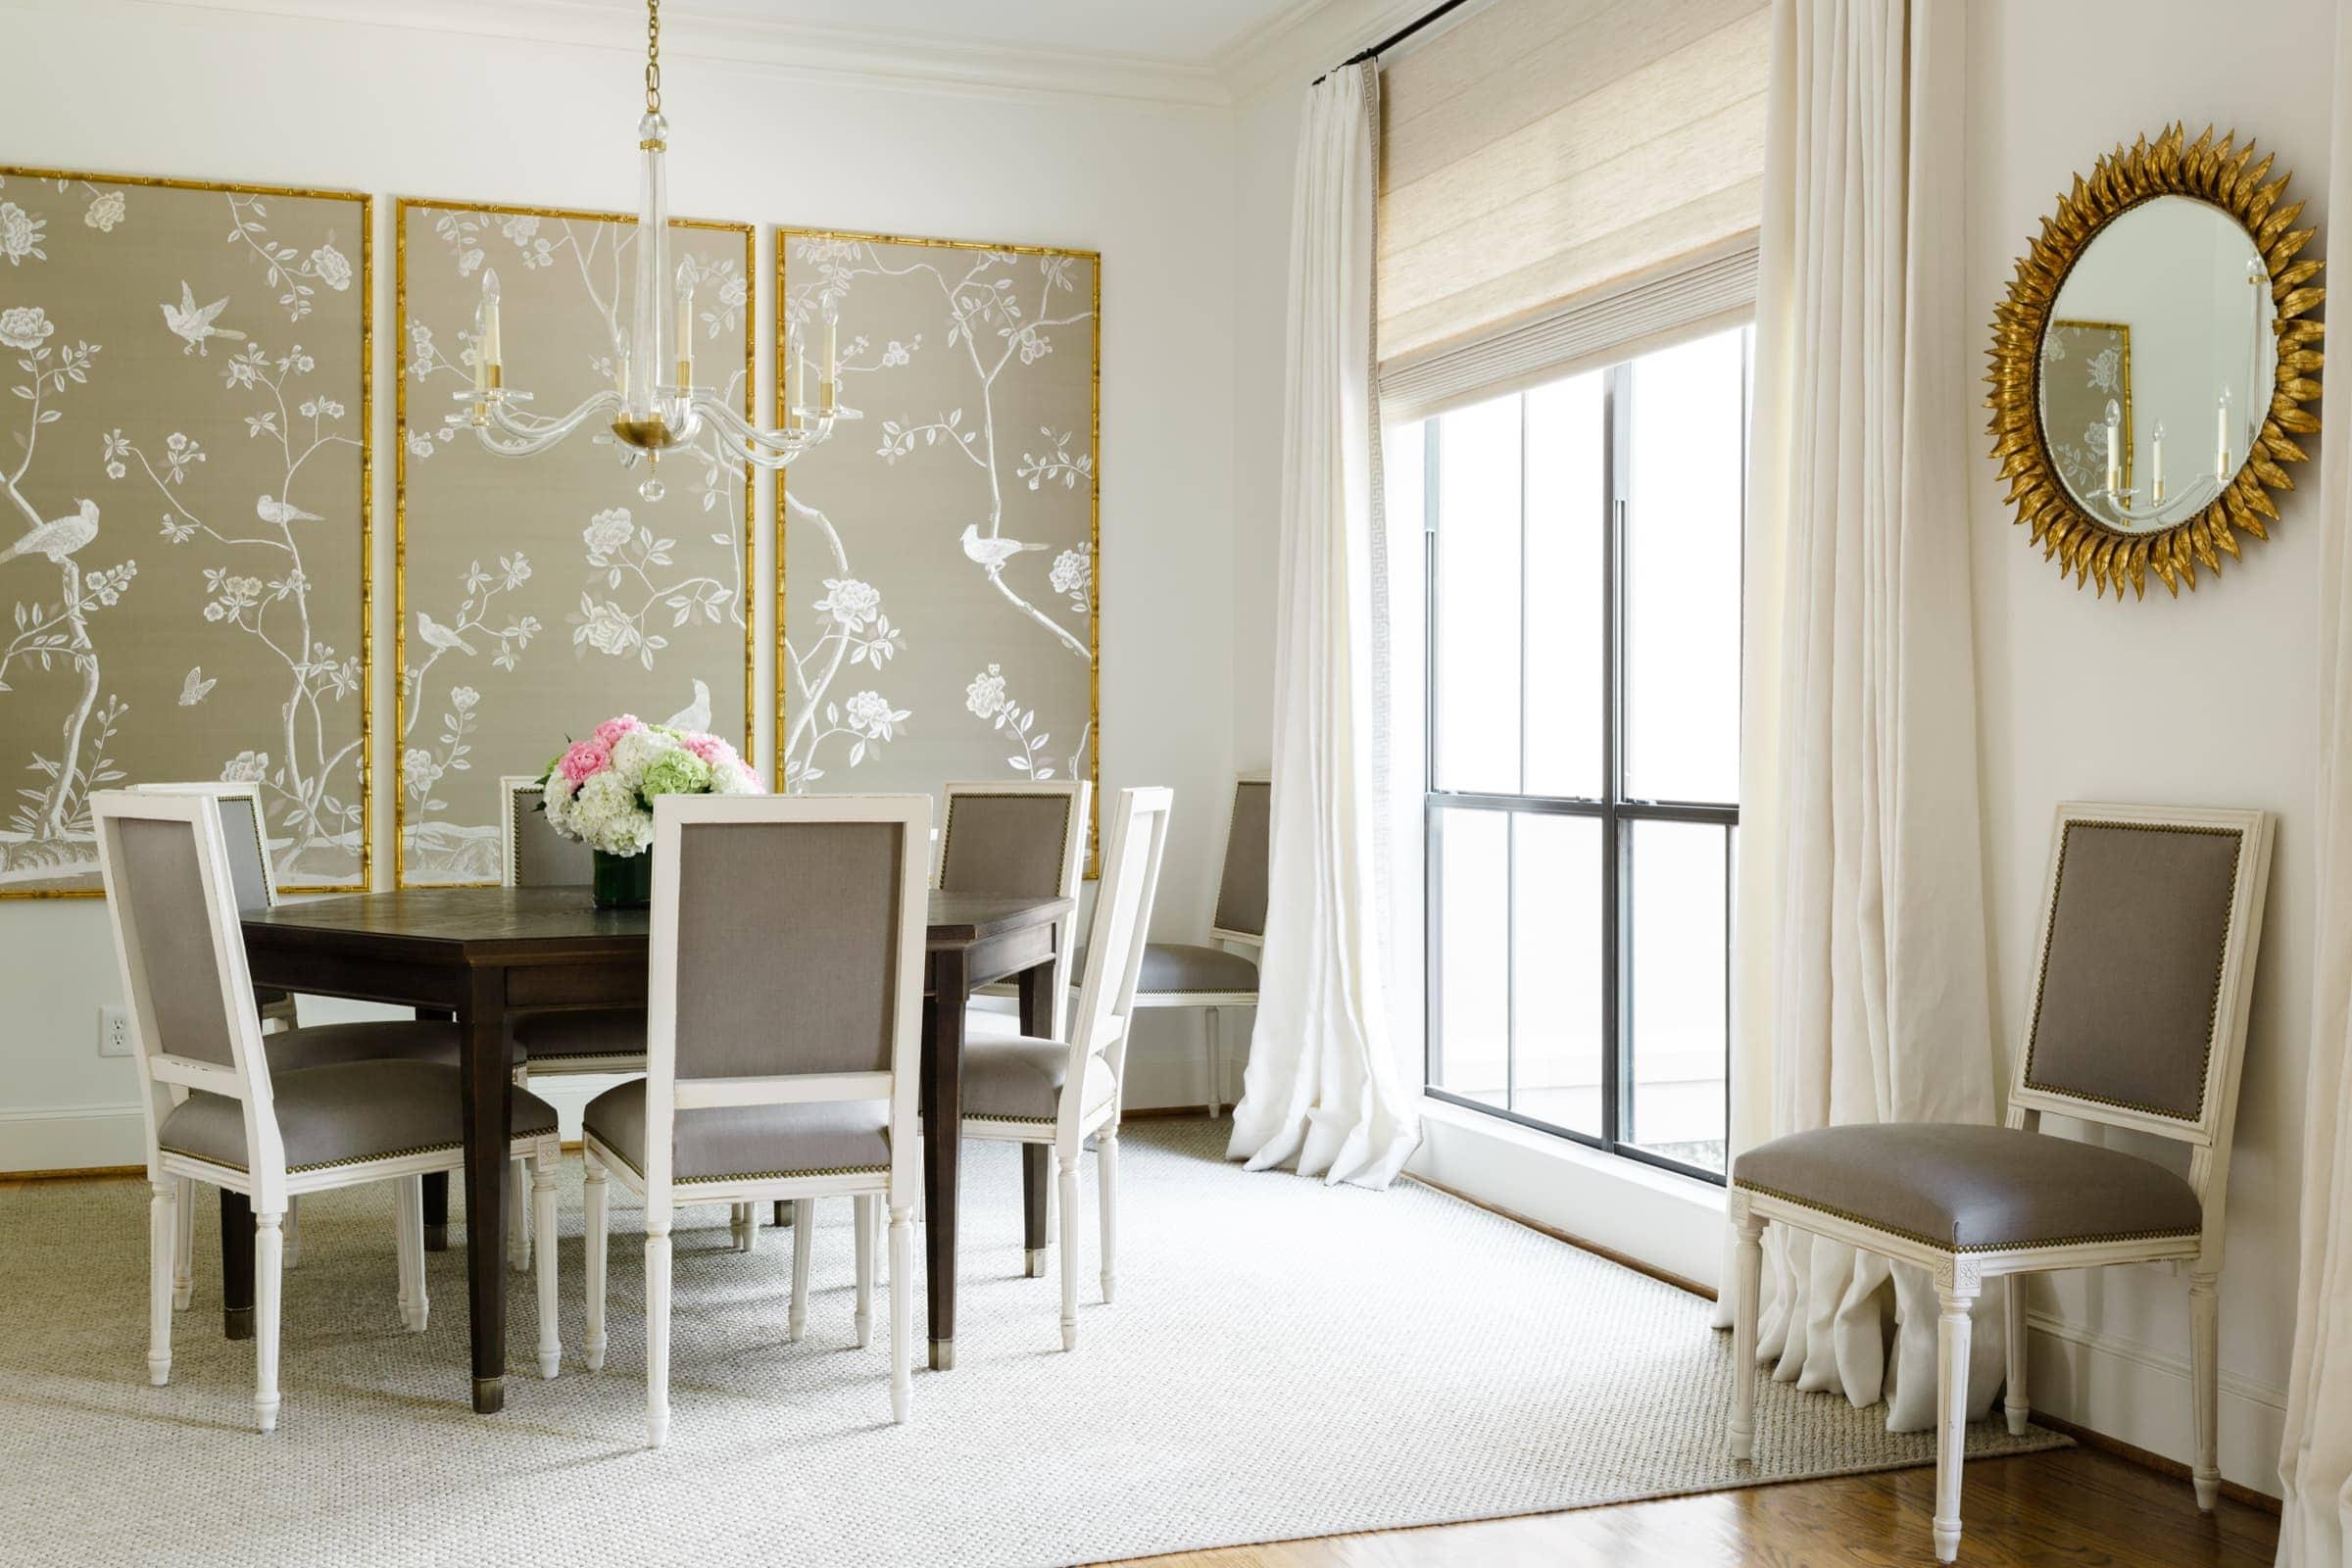 paloma contreras dining room